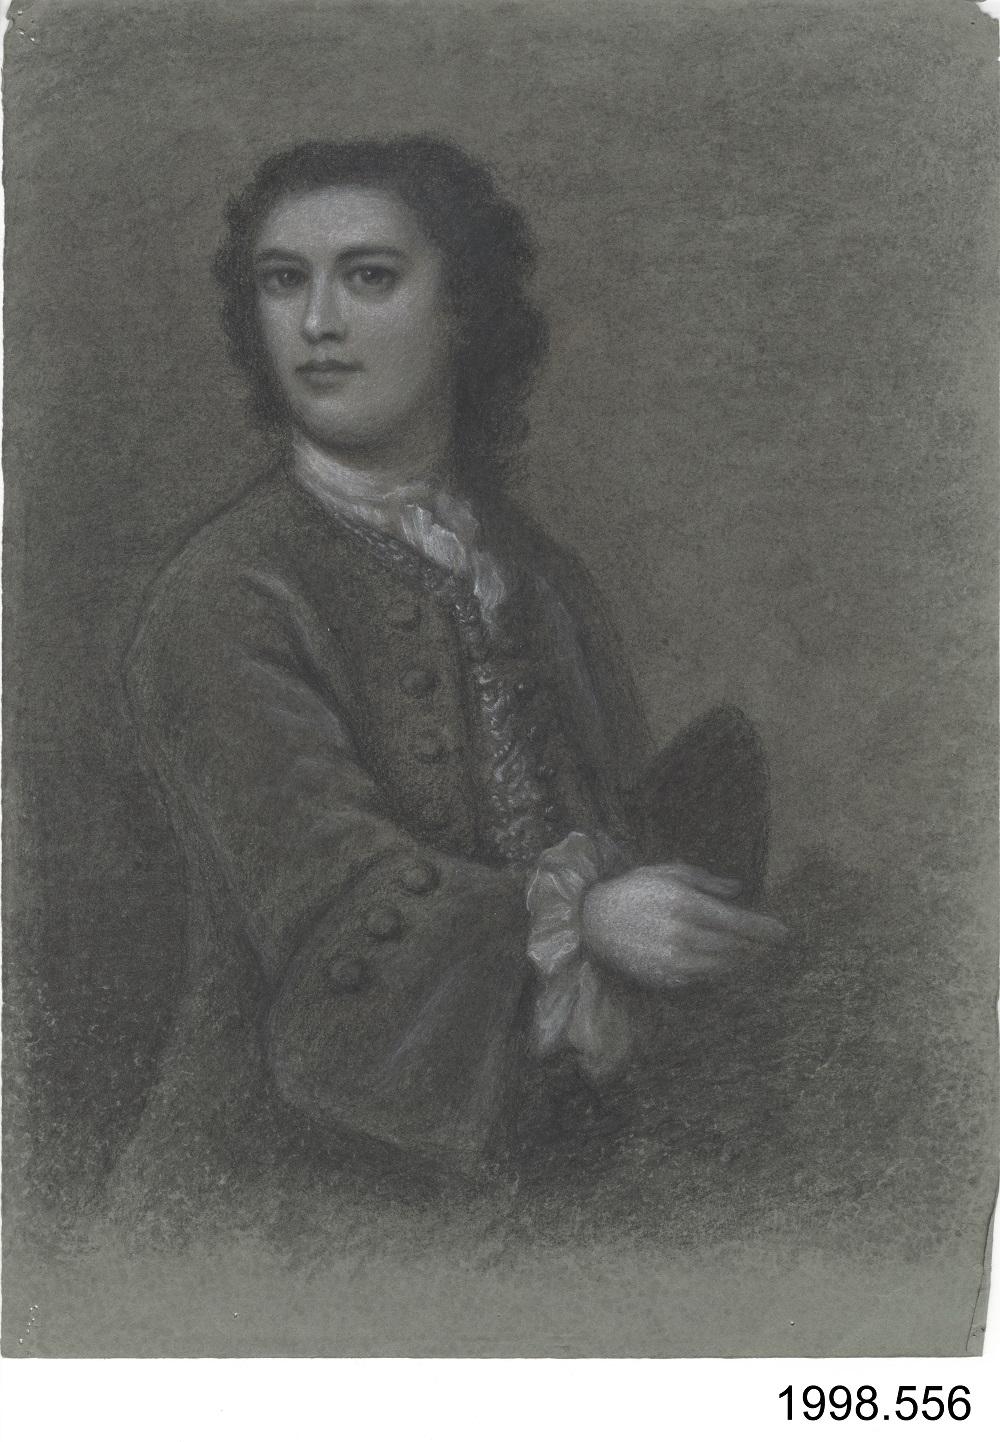 John Wicker